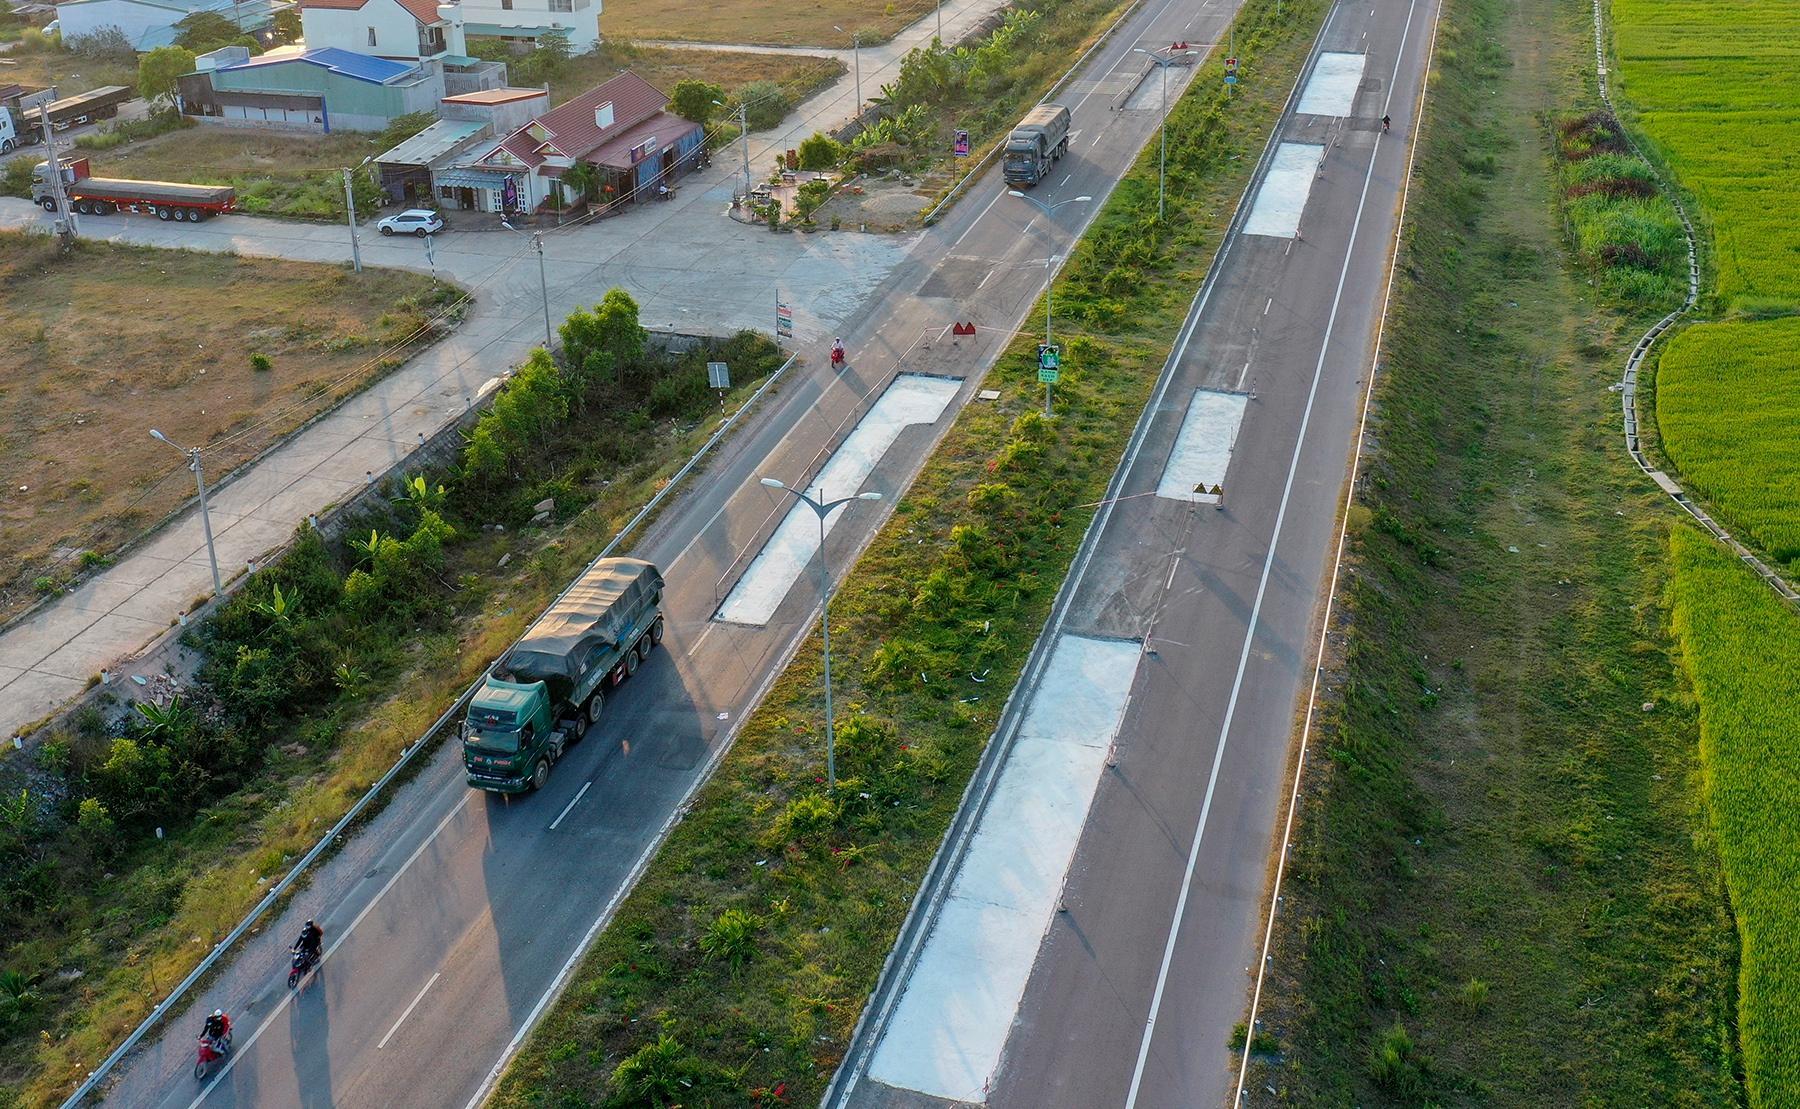 Vụ quốc lộ hơn 4.400 tỷ hỏng nặng: Buộc nhà thầu bỏ tiền sửa chữa Ảnh 2